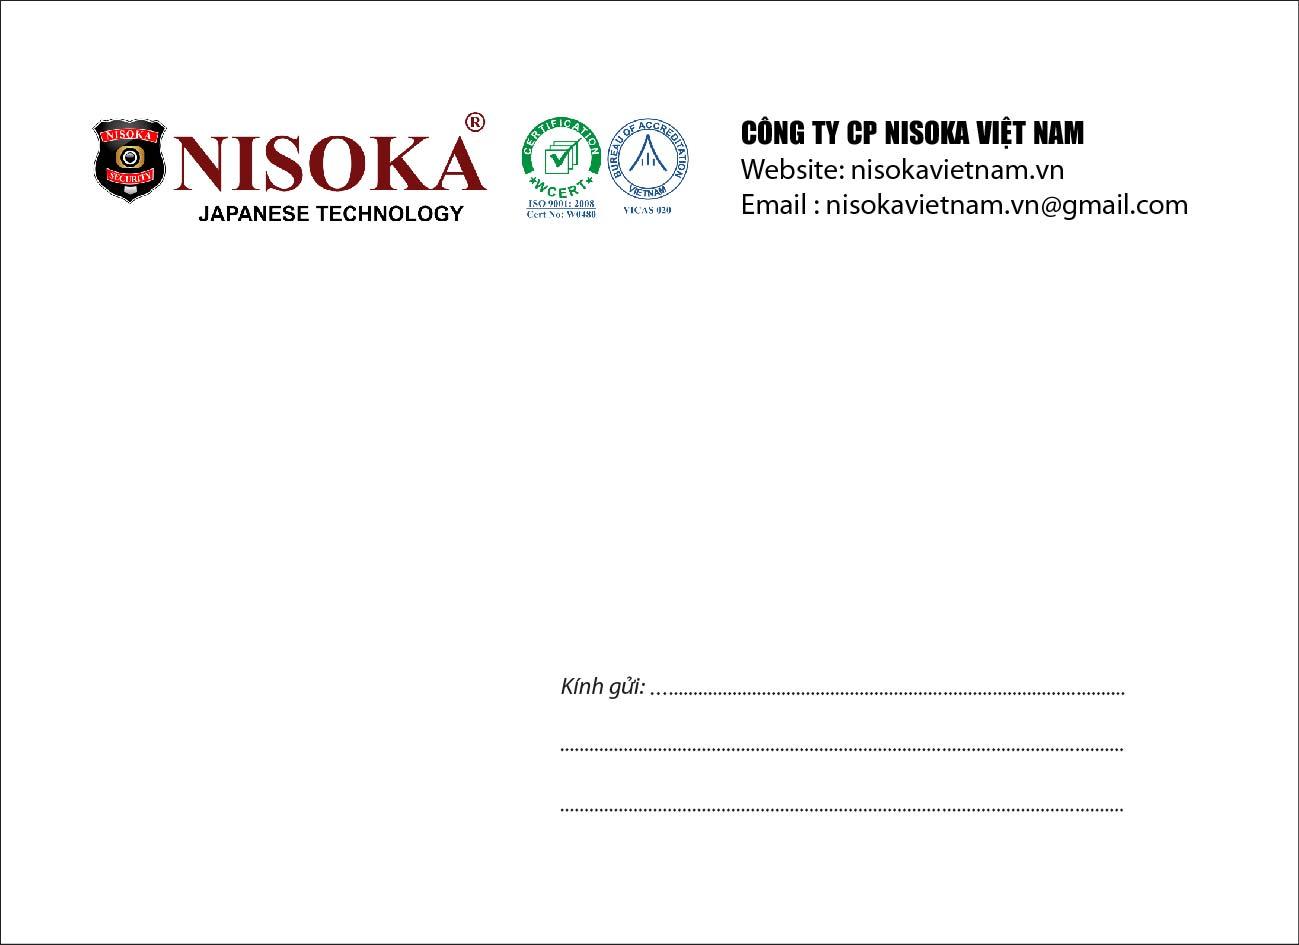 Mẫu in phong bì số lượng ít giá rẻ cho công ty NIKOSAN Việt Nam